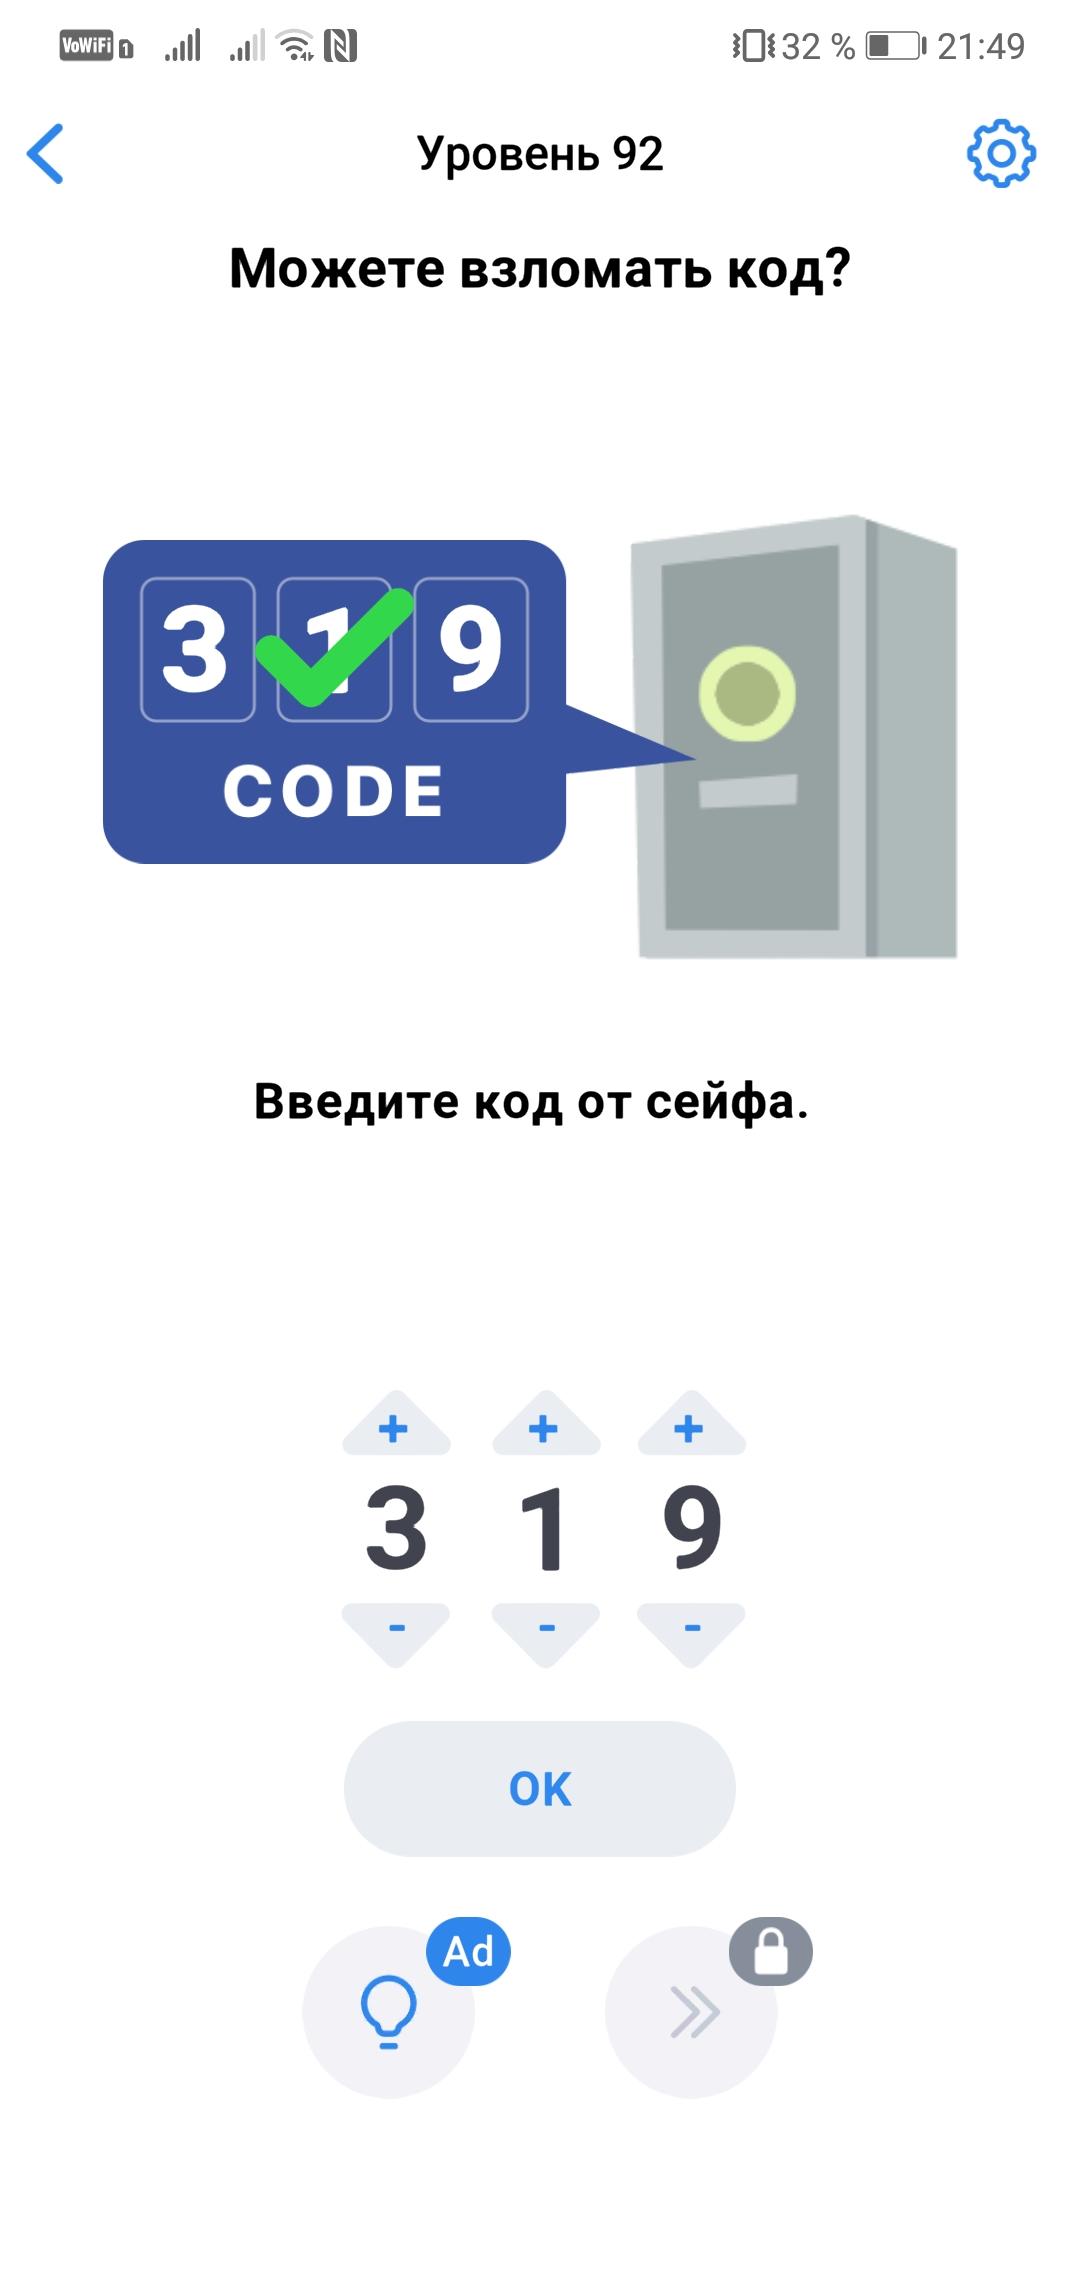 Easy Game - 92 уровень - Можете взломать код?